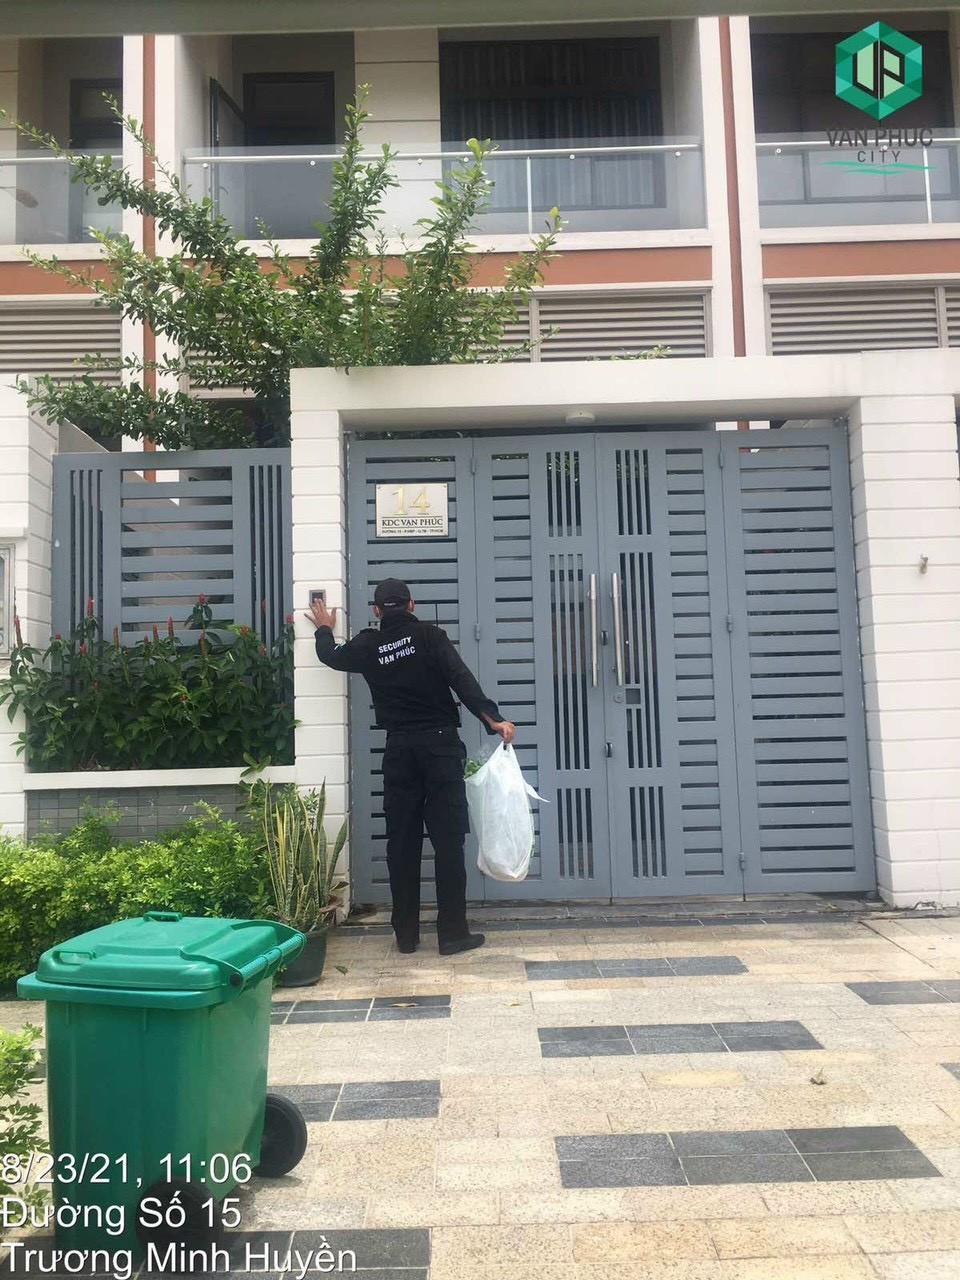 An ninh Khu đô thị Vạn Phúc hỗ trợ giao thực phẩm thiết yếu tại Khu đô thị